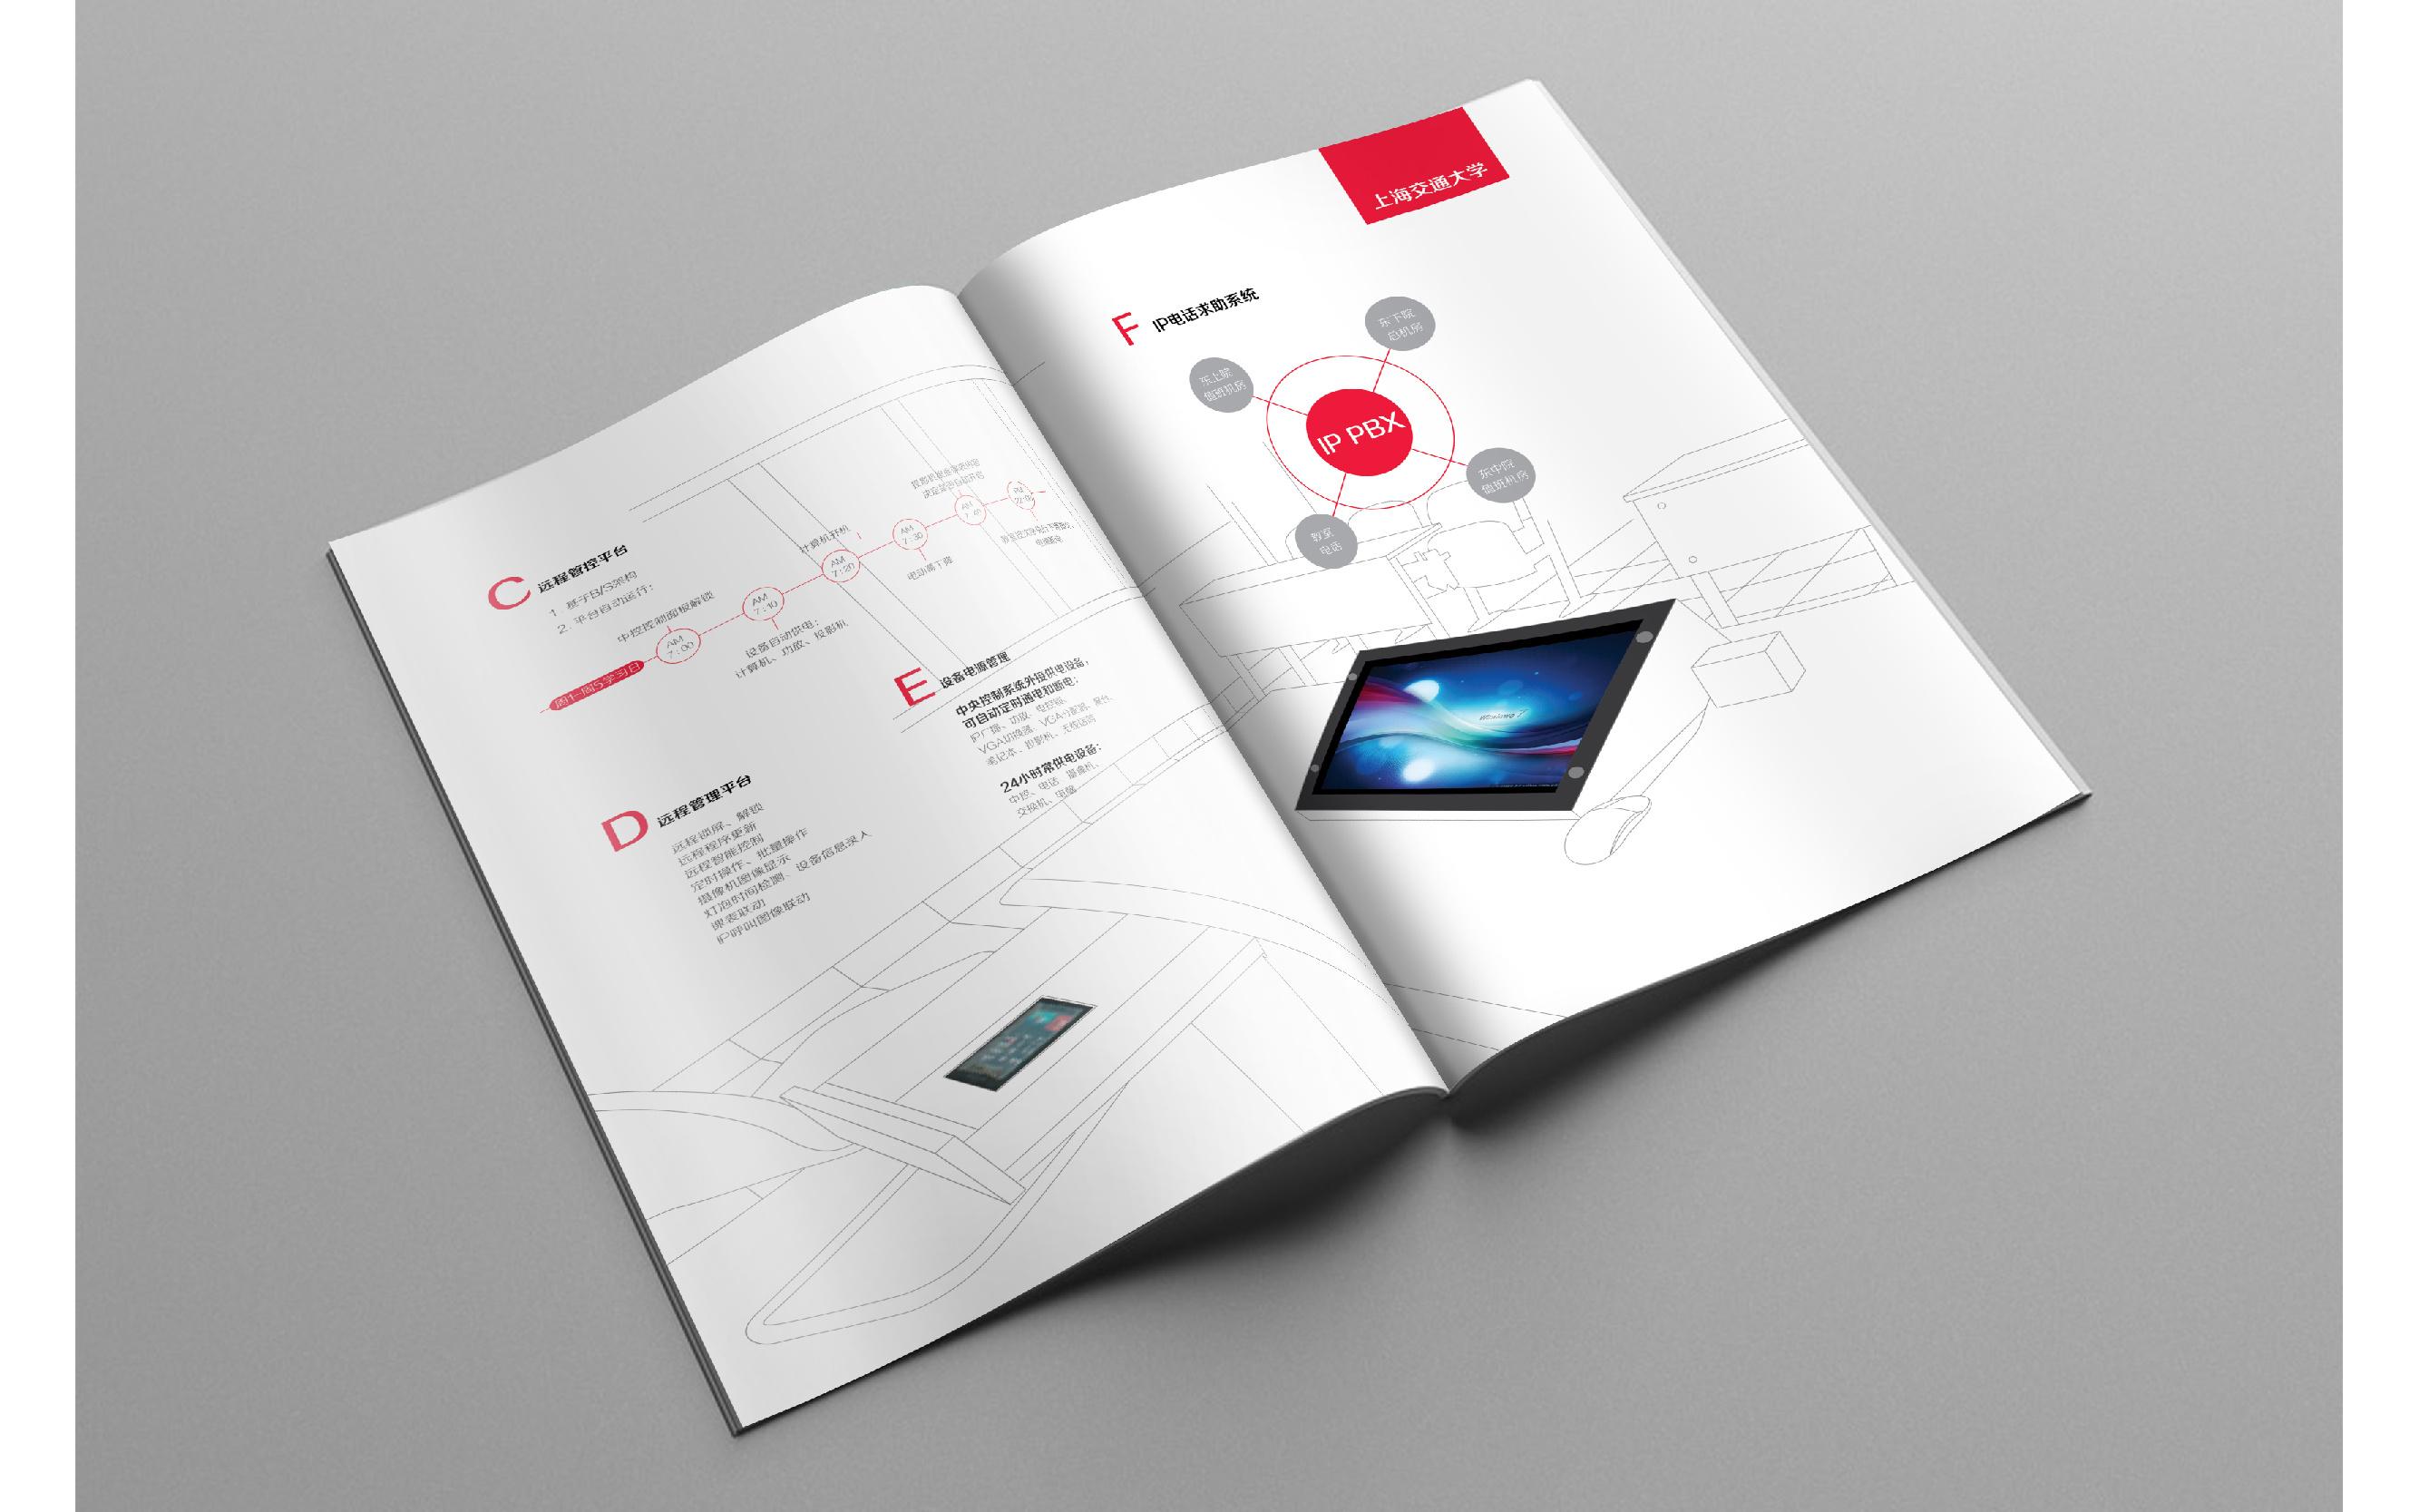 画册排版设计|平面|书装/画册|壹个人设计 - 原创作品图片